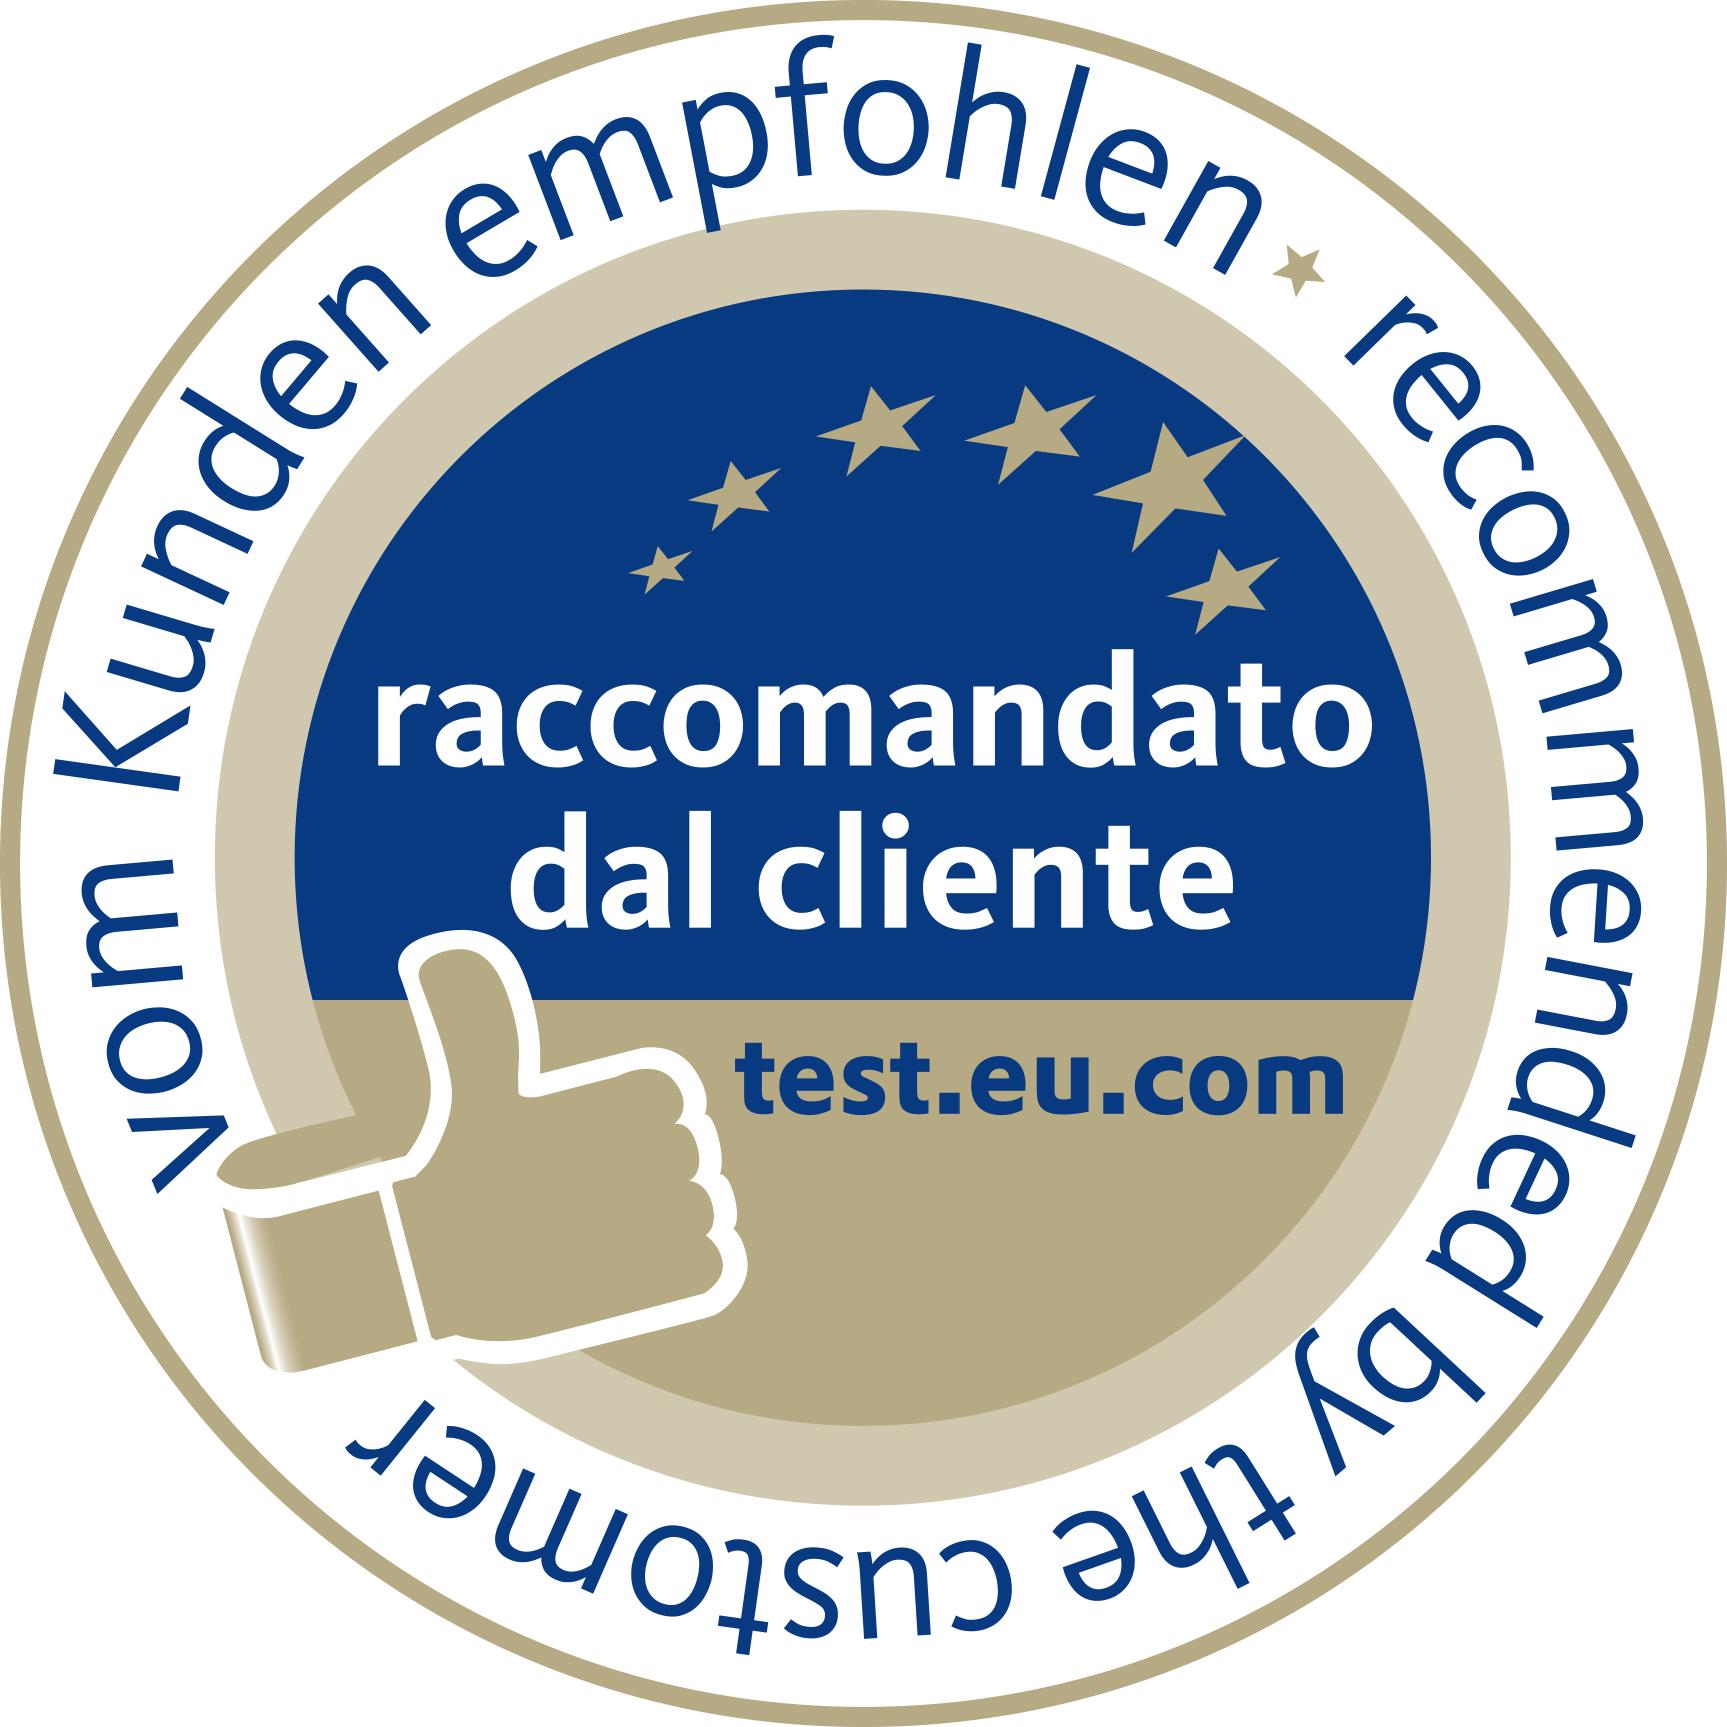 test.eu.com - raccomandato dal cliente